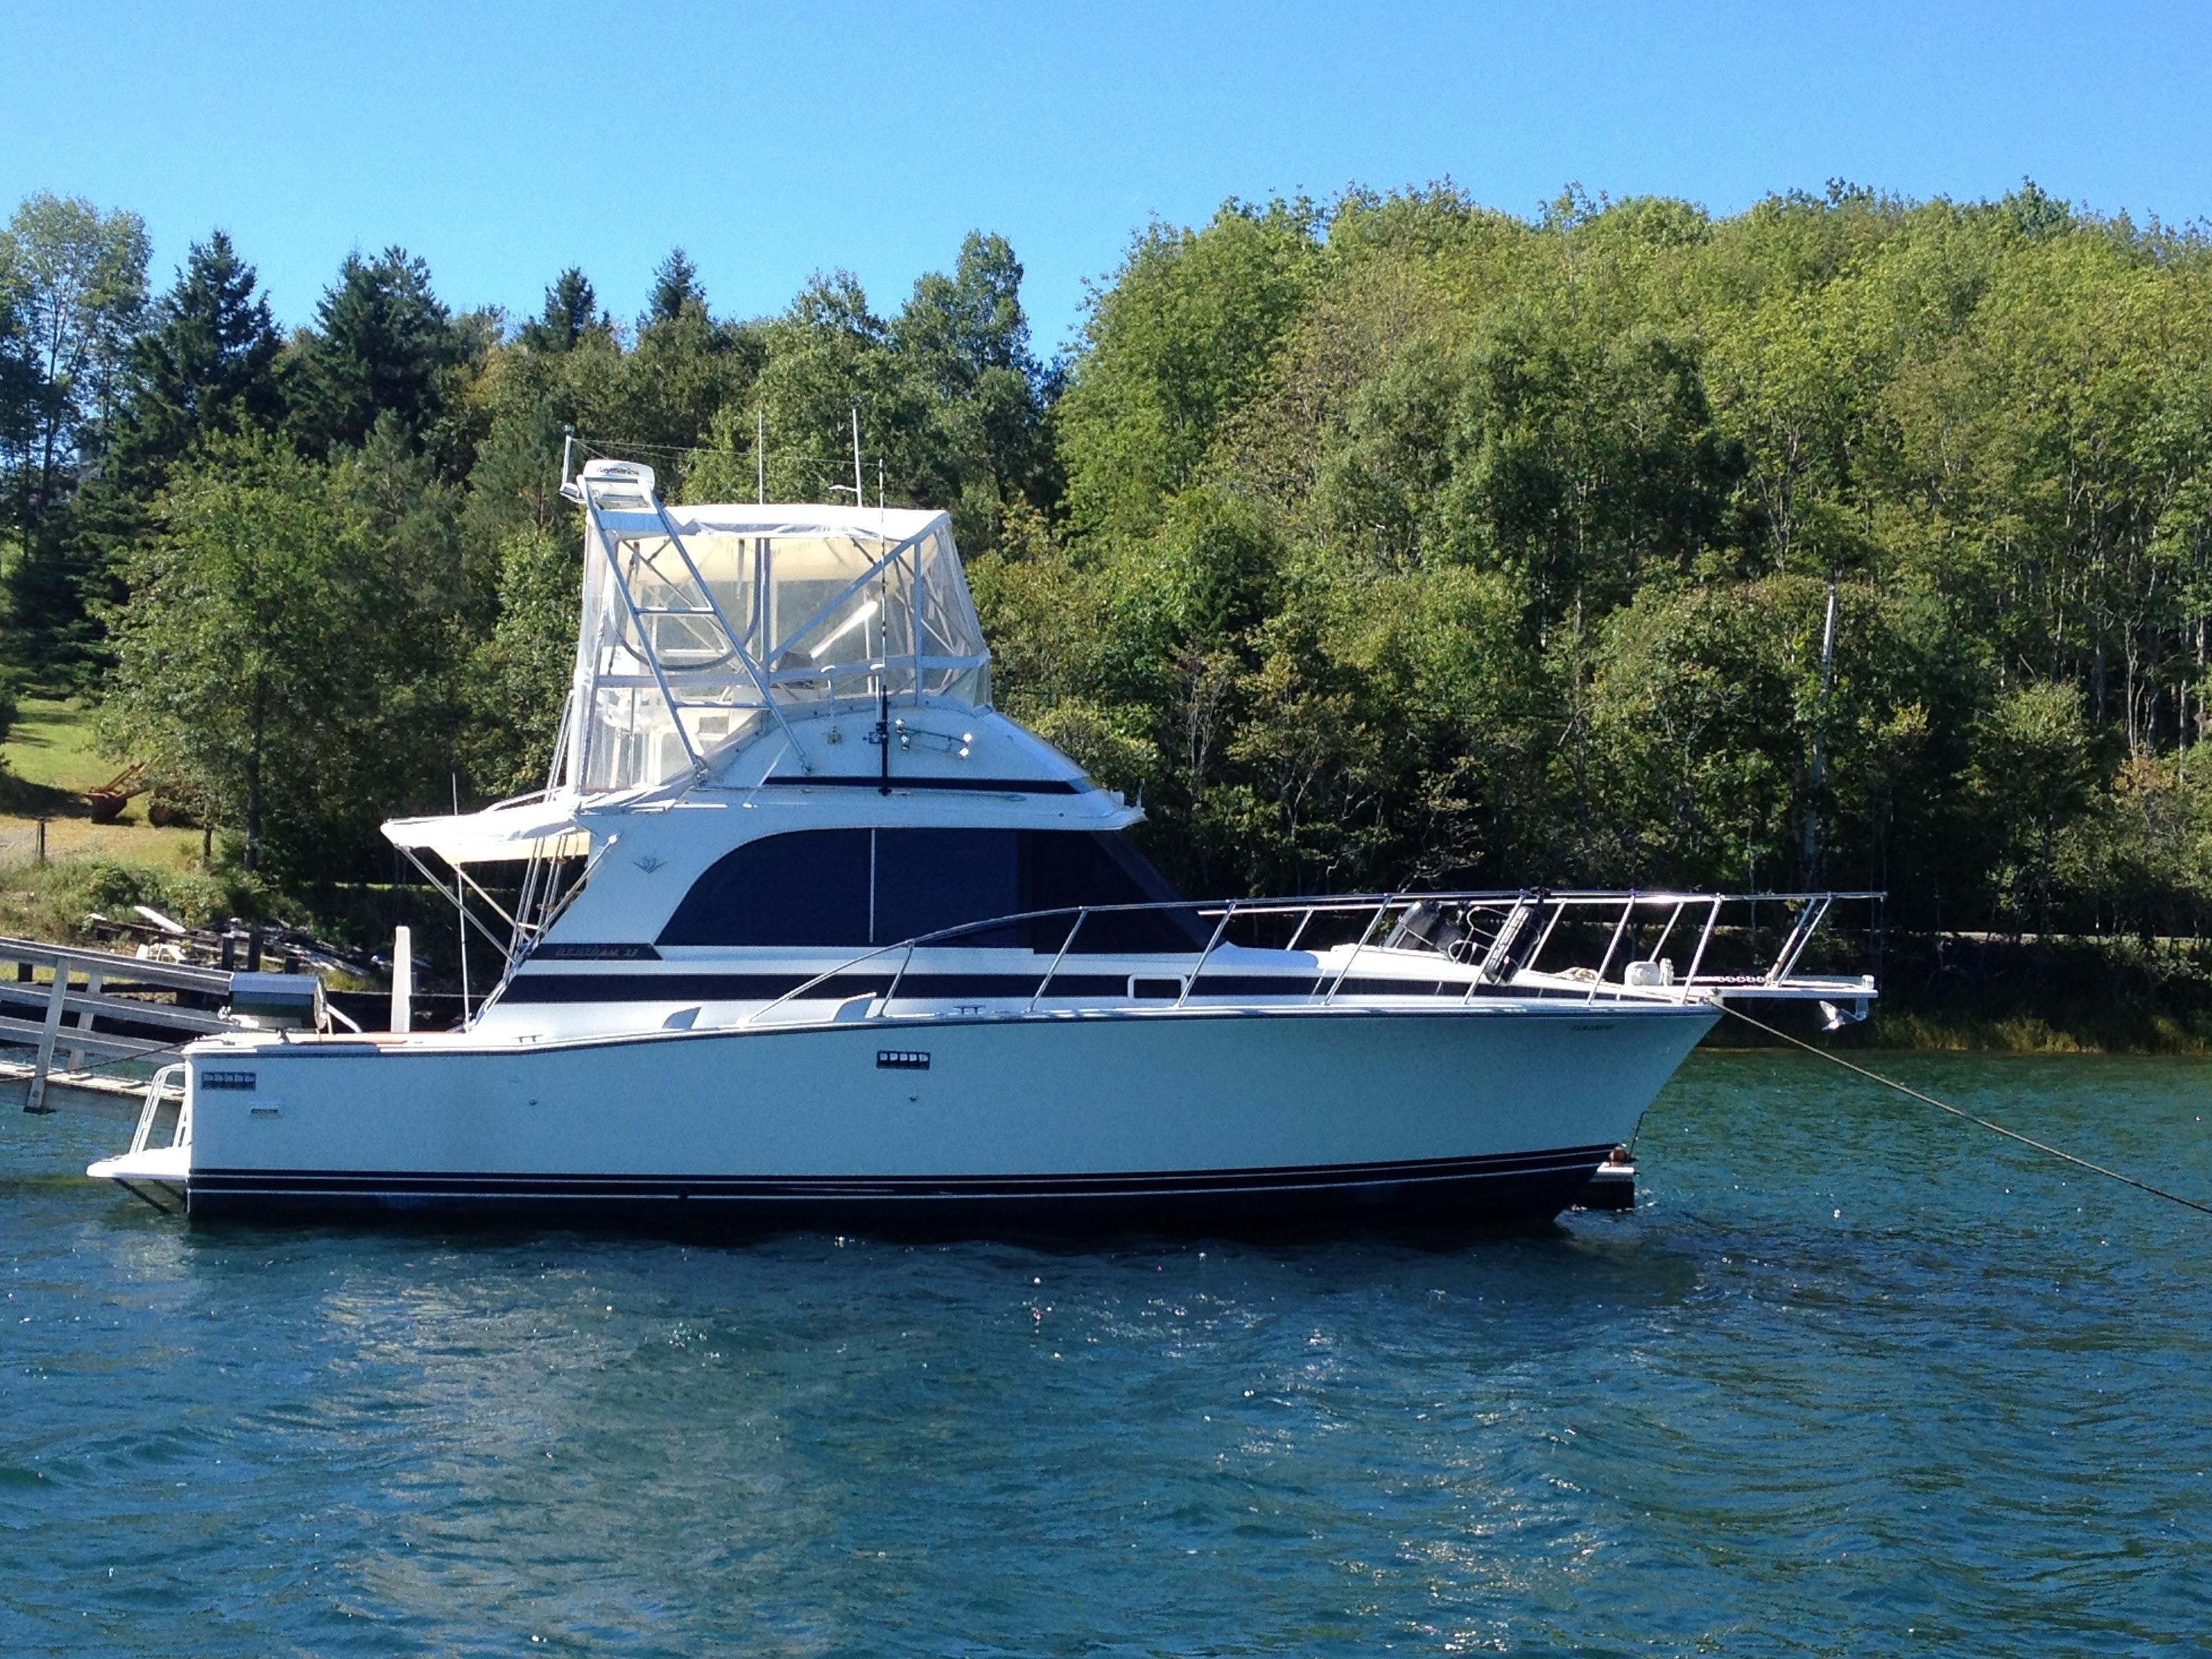 1987 Bertram 33 Flybridge Cruiser Power Boat For Sale Wwwyachtworldcom